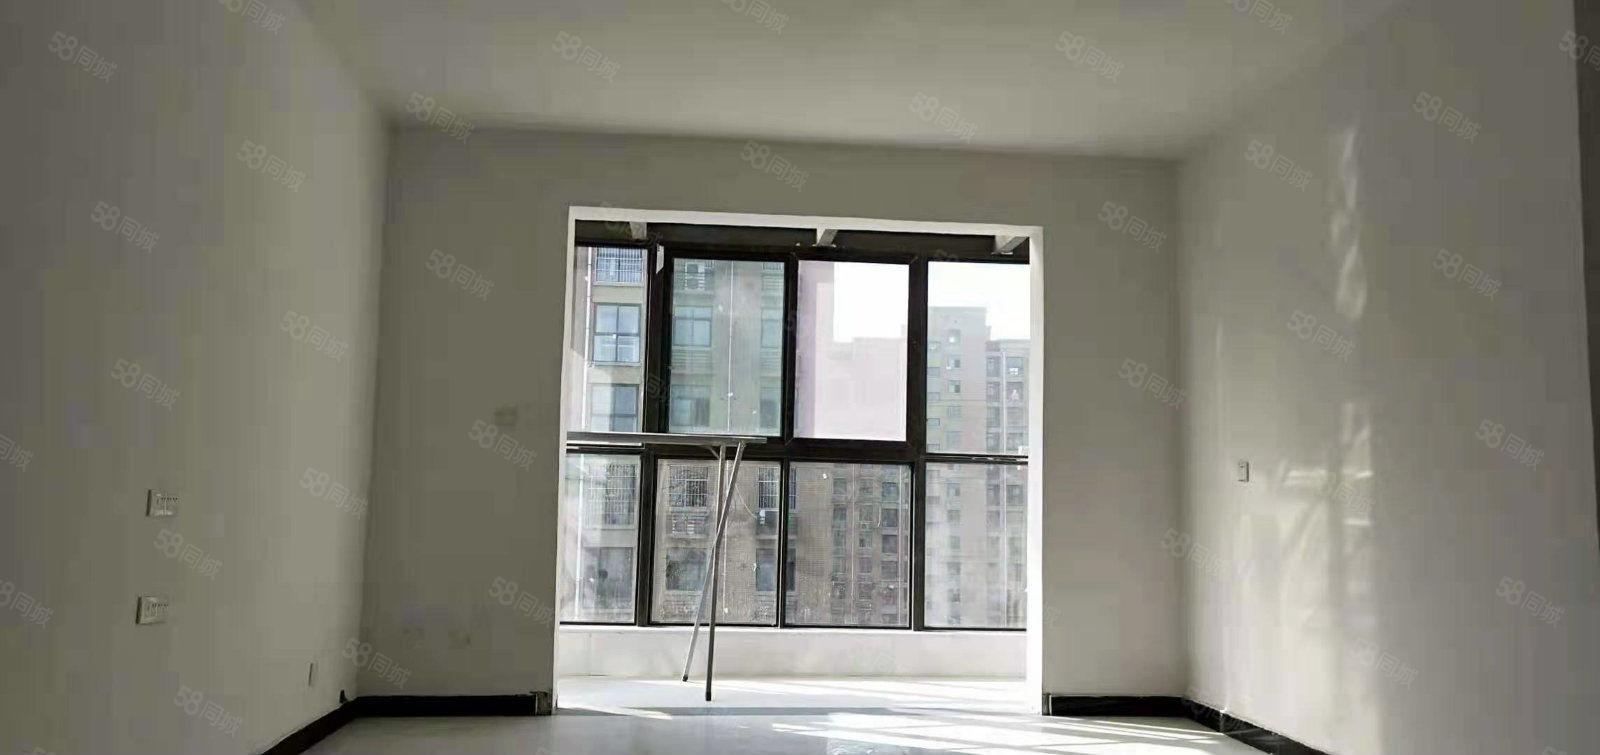 鼎华时代广场新装修三室澳门星际网址空房一年八千五采光好户型好